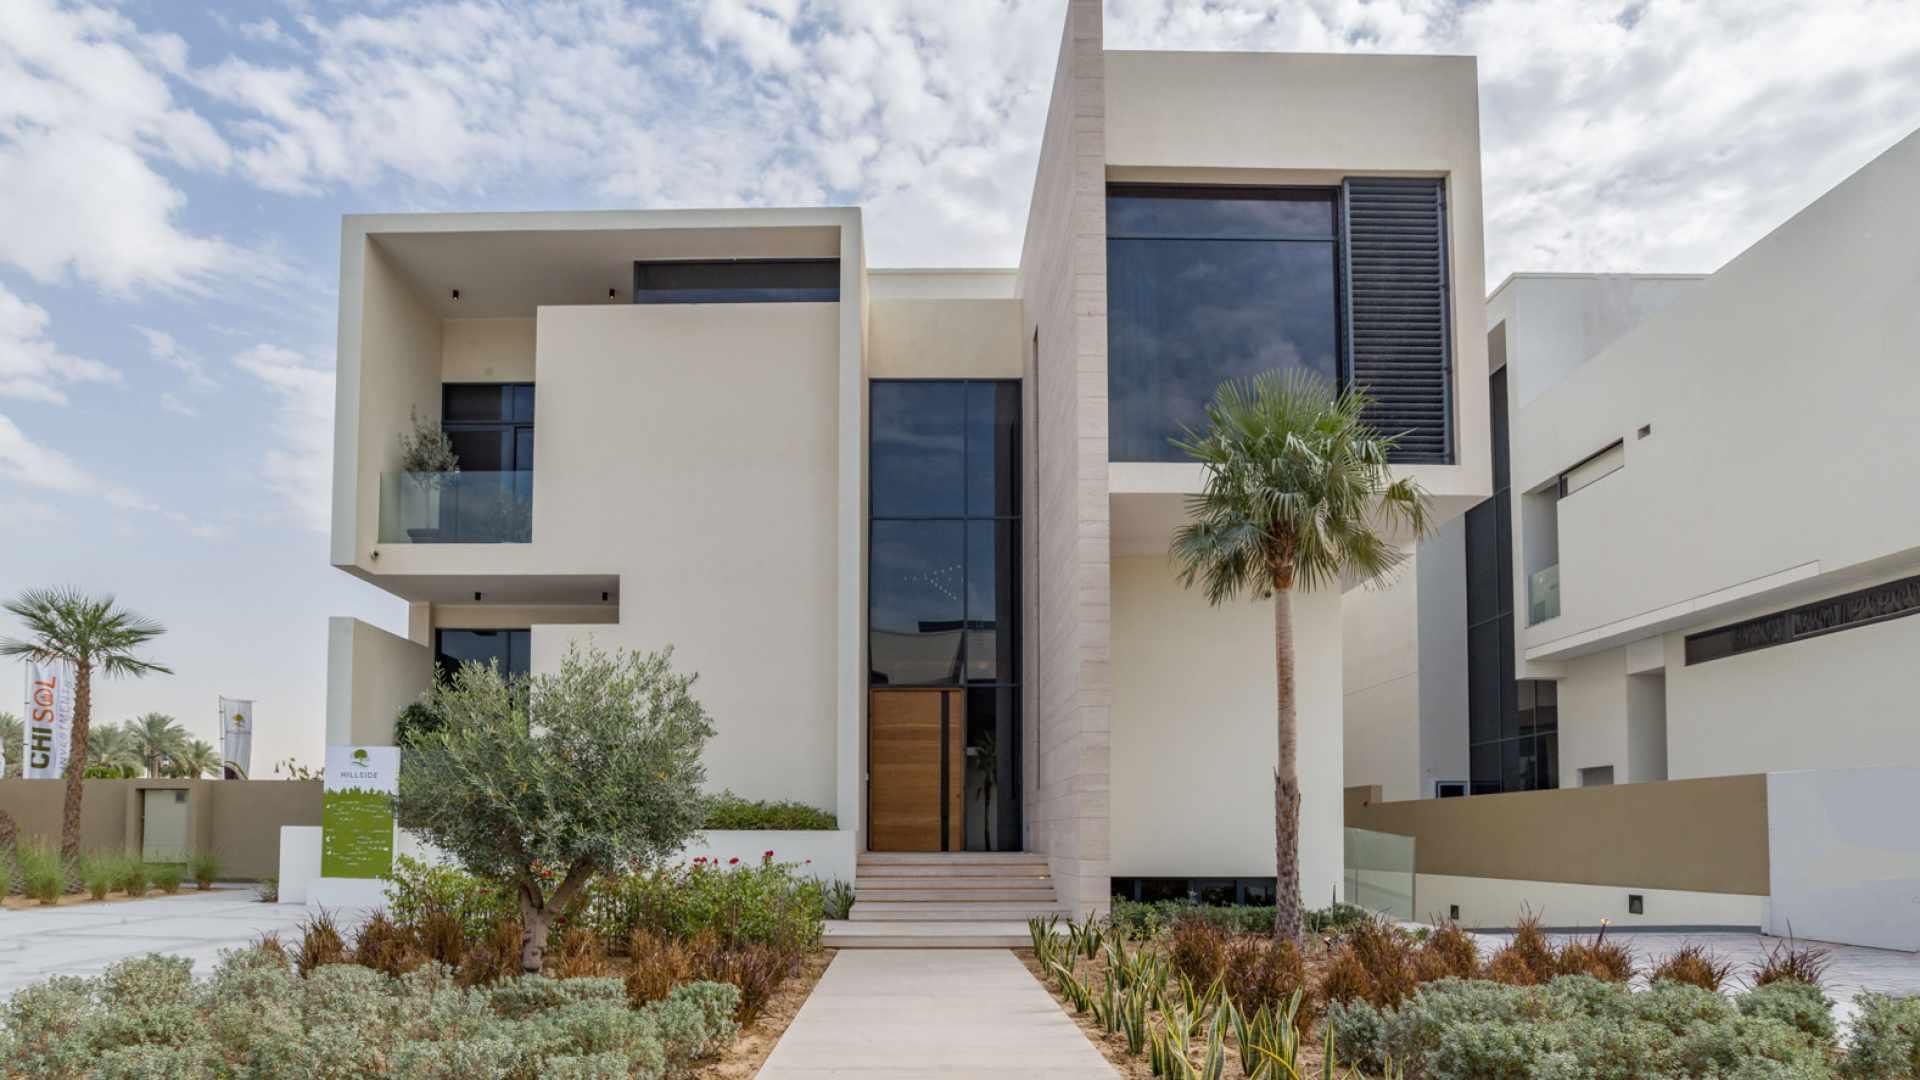 Villa for sale in Dubai, UAE, 6 bedrooms, 1117 m2, No. 24249 – photo 1